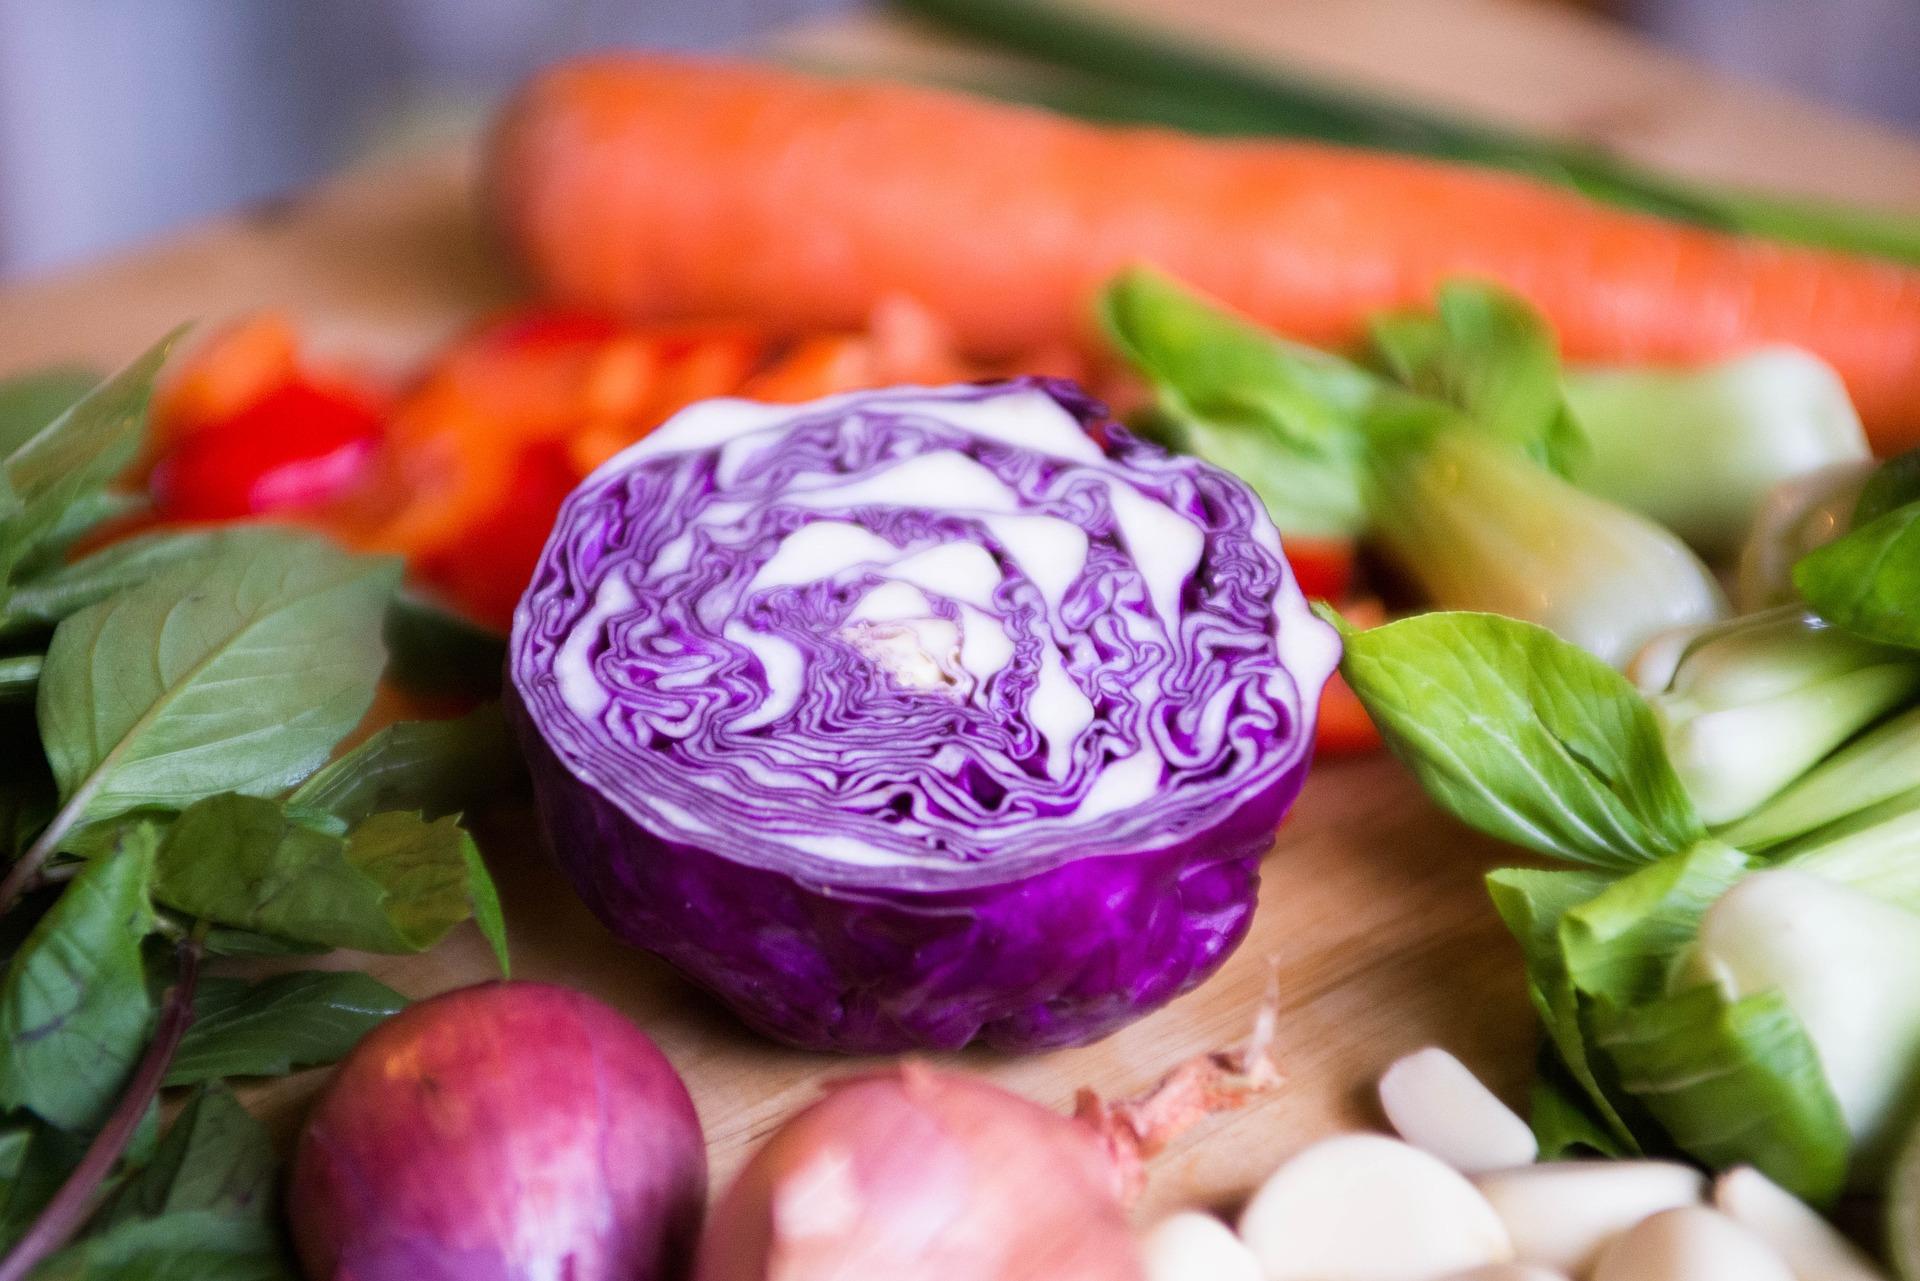 Estos son los alimentos que más hierro aportan a tu organismo